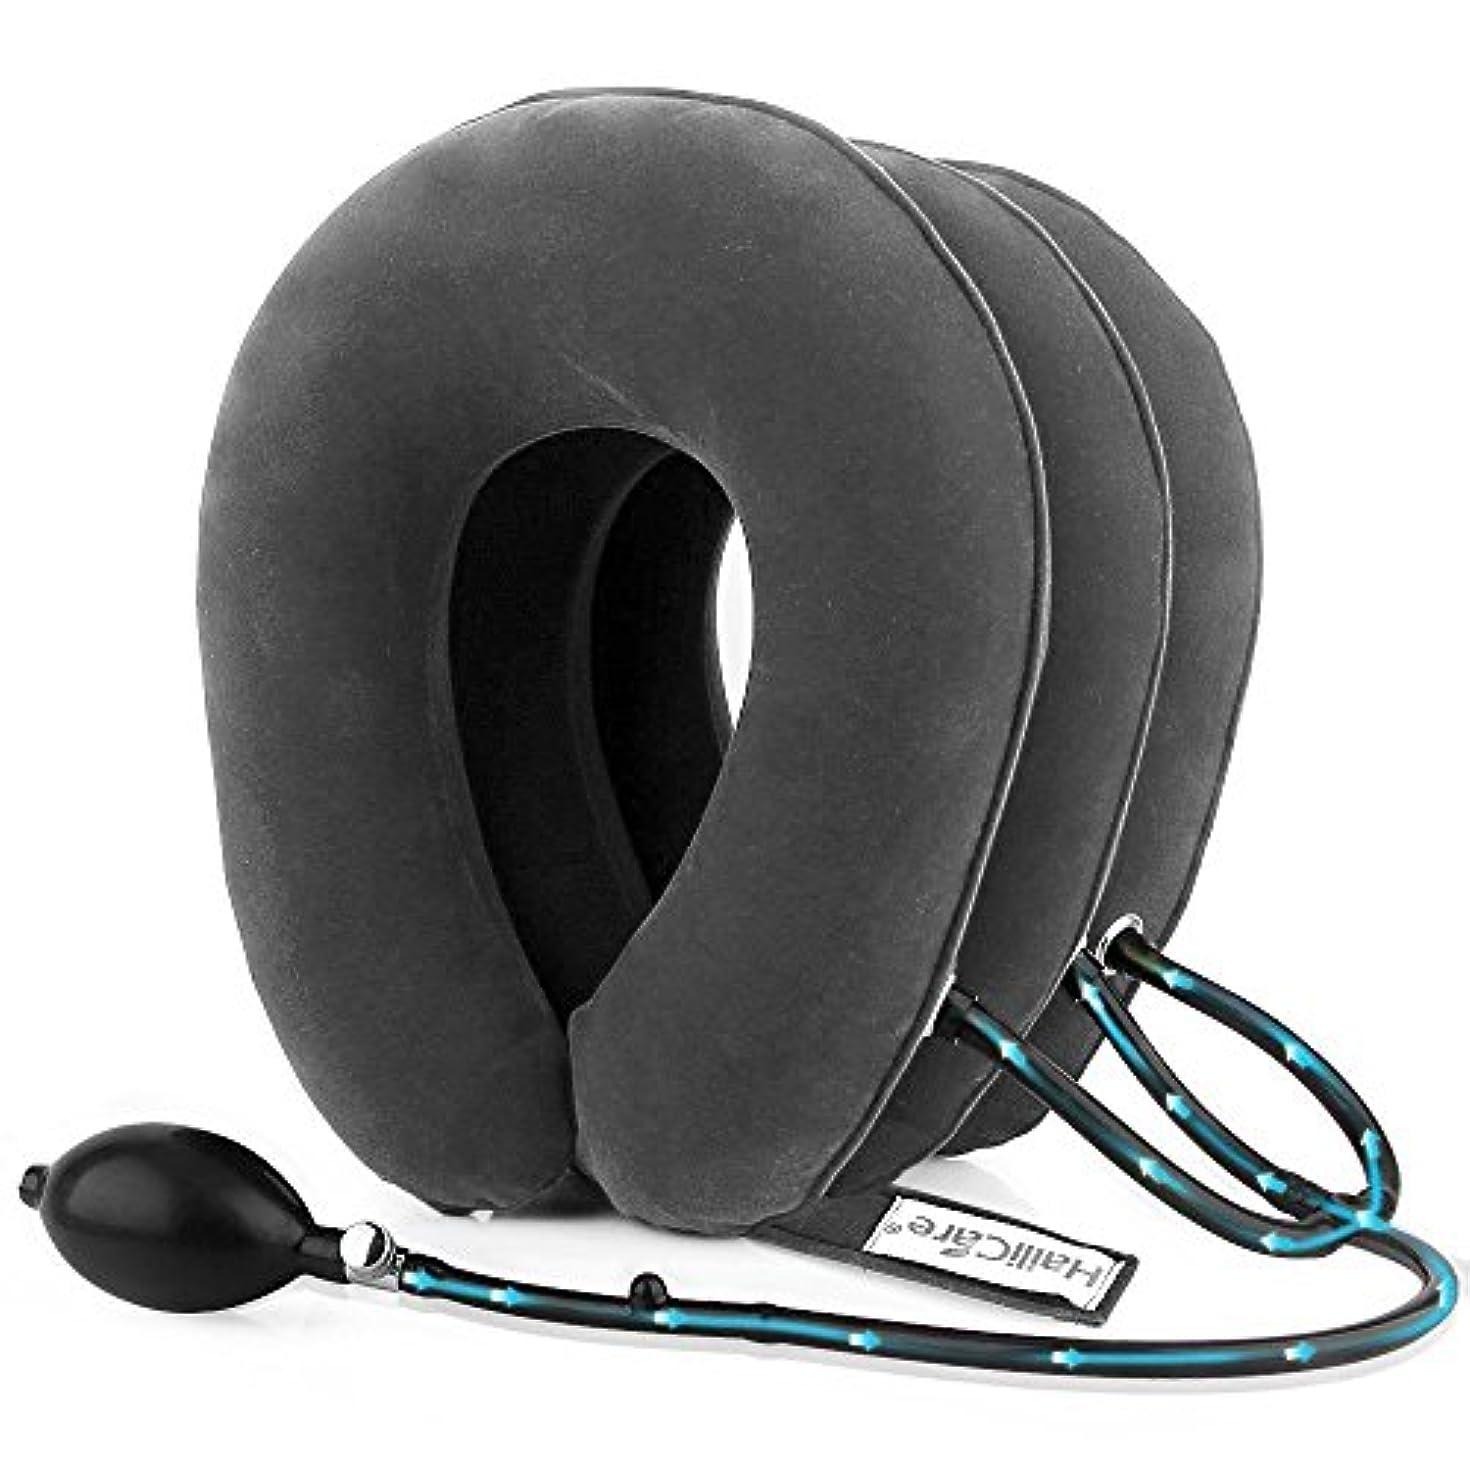 おしゃれなポットデータHailiCare Neck Pillow, Inflatable Cervical Neck Traction Device, Effective and Instant Relief for Chronic Neck...